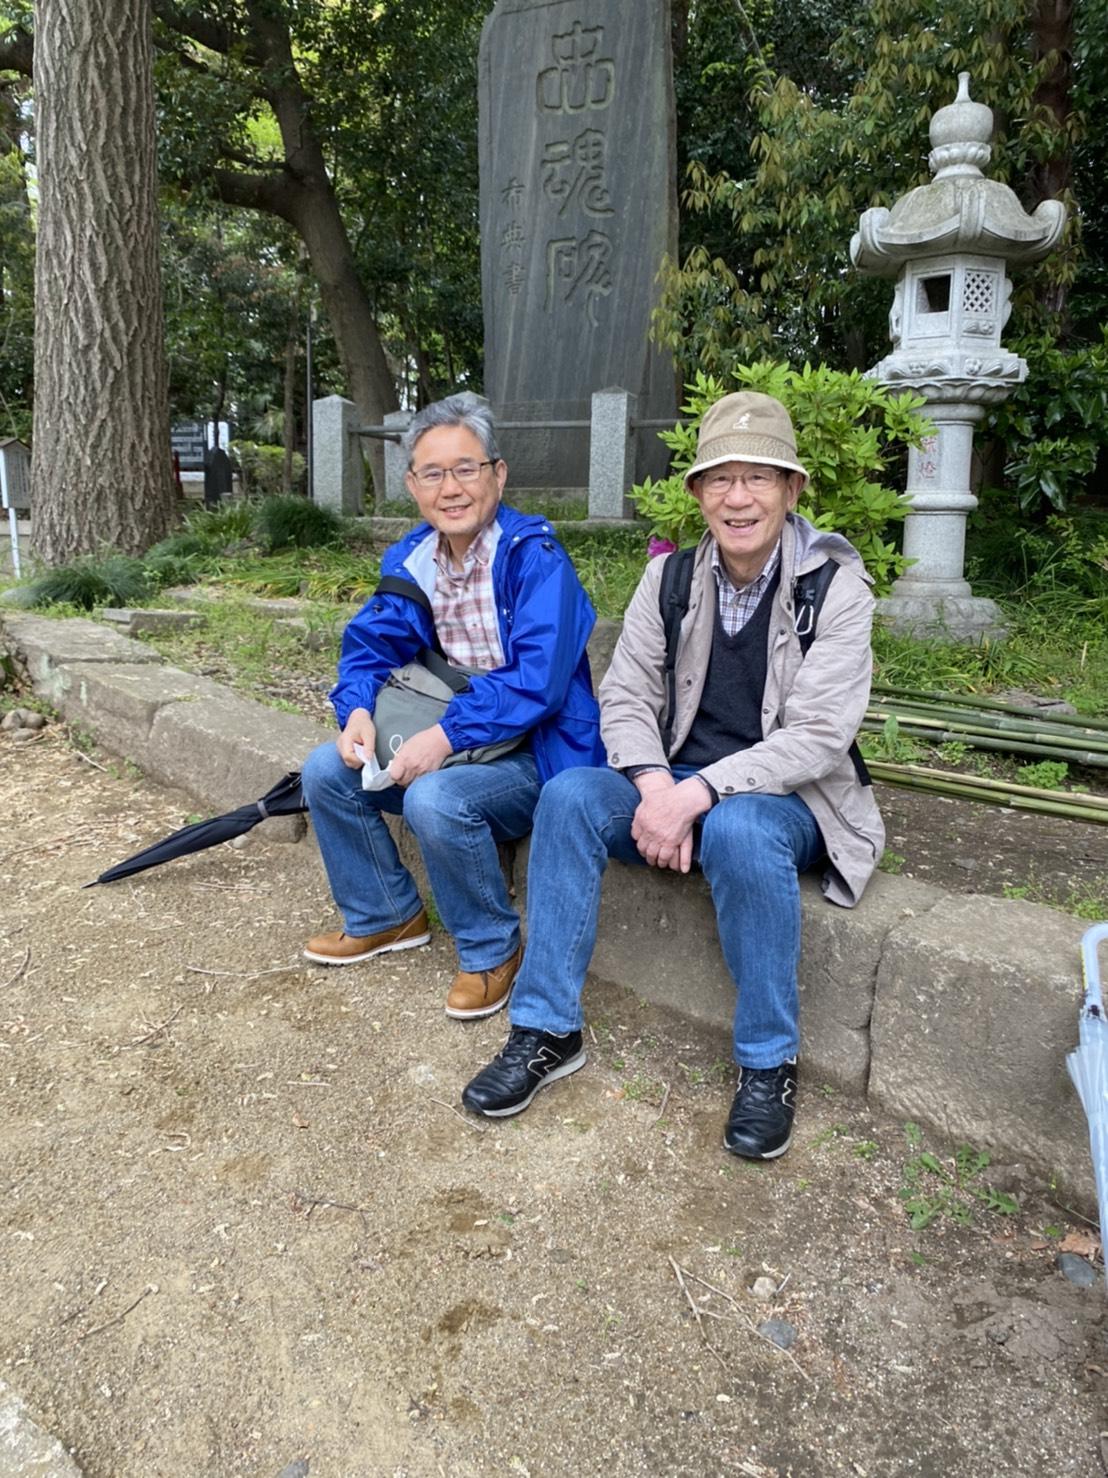 菅野主宰(向かって右側)と編集部の梅沢弘さん(撮影時にマスクを外してもらいました)